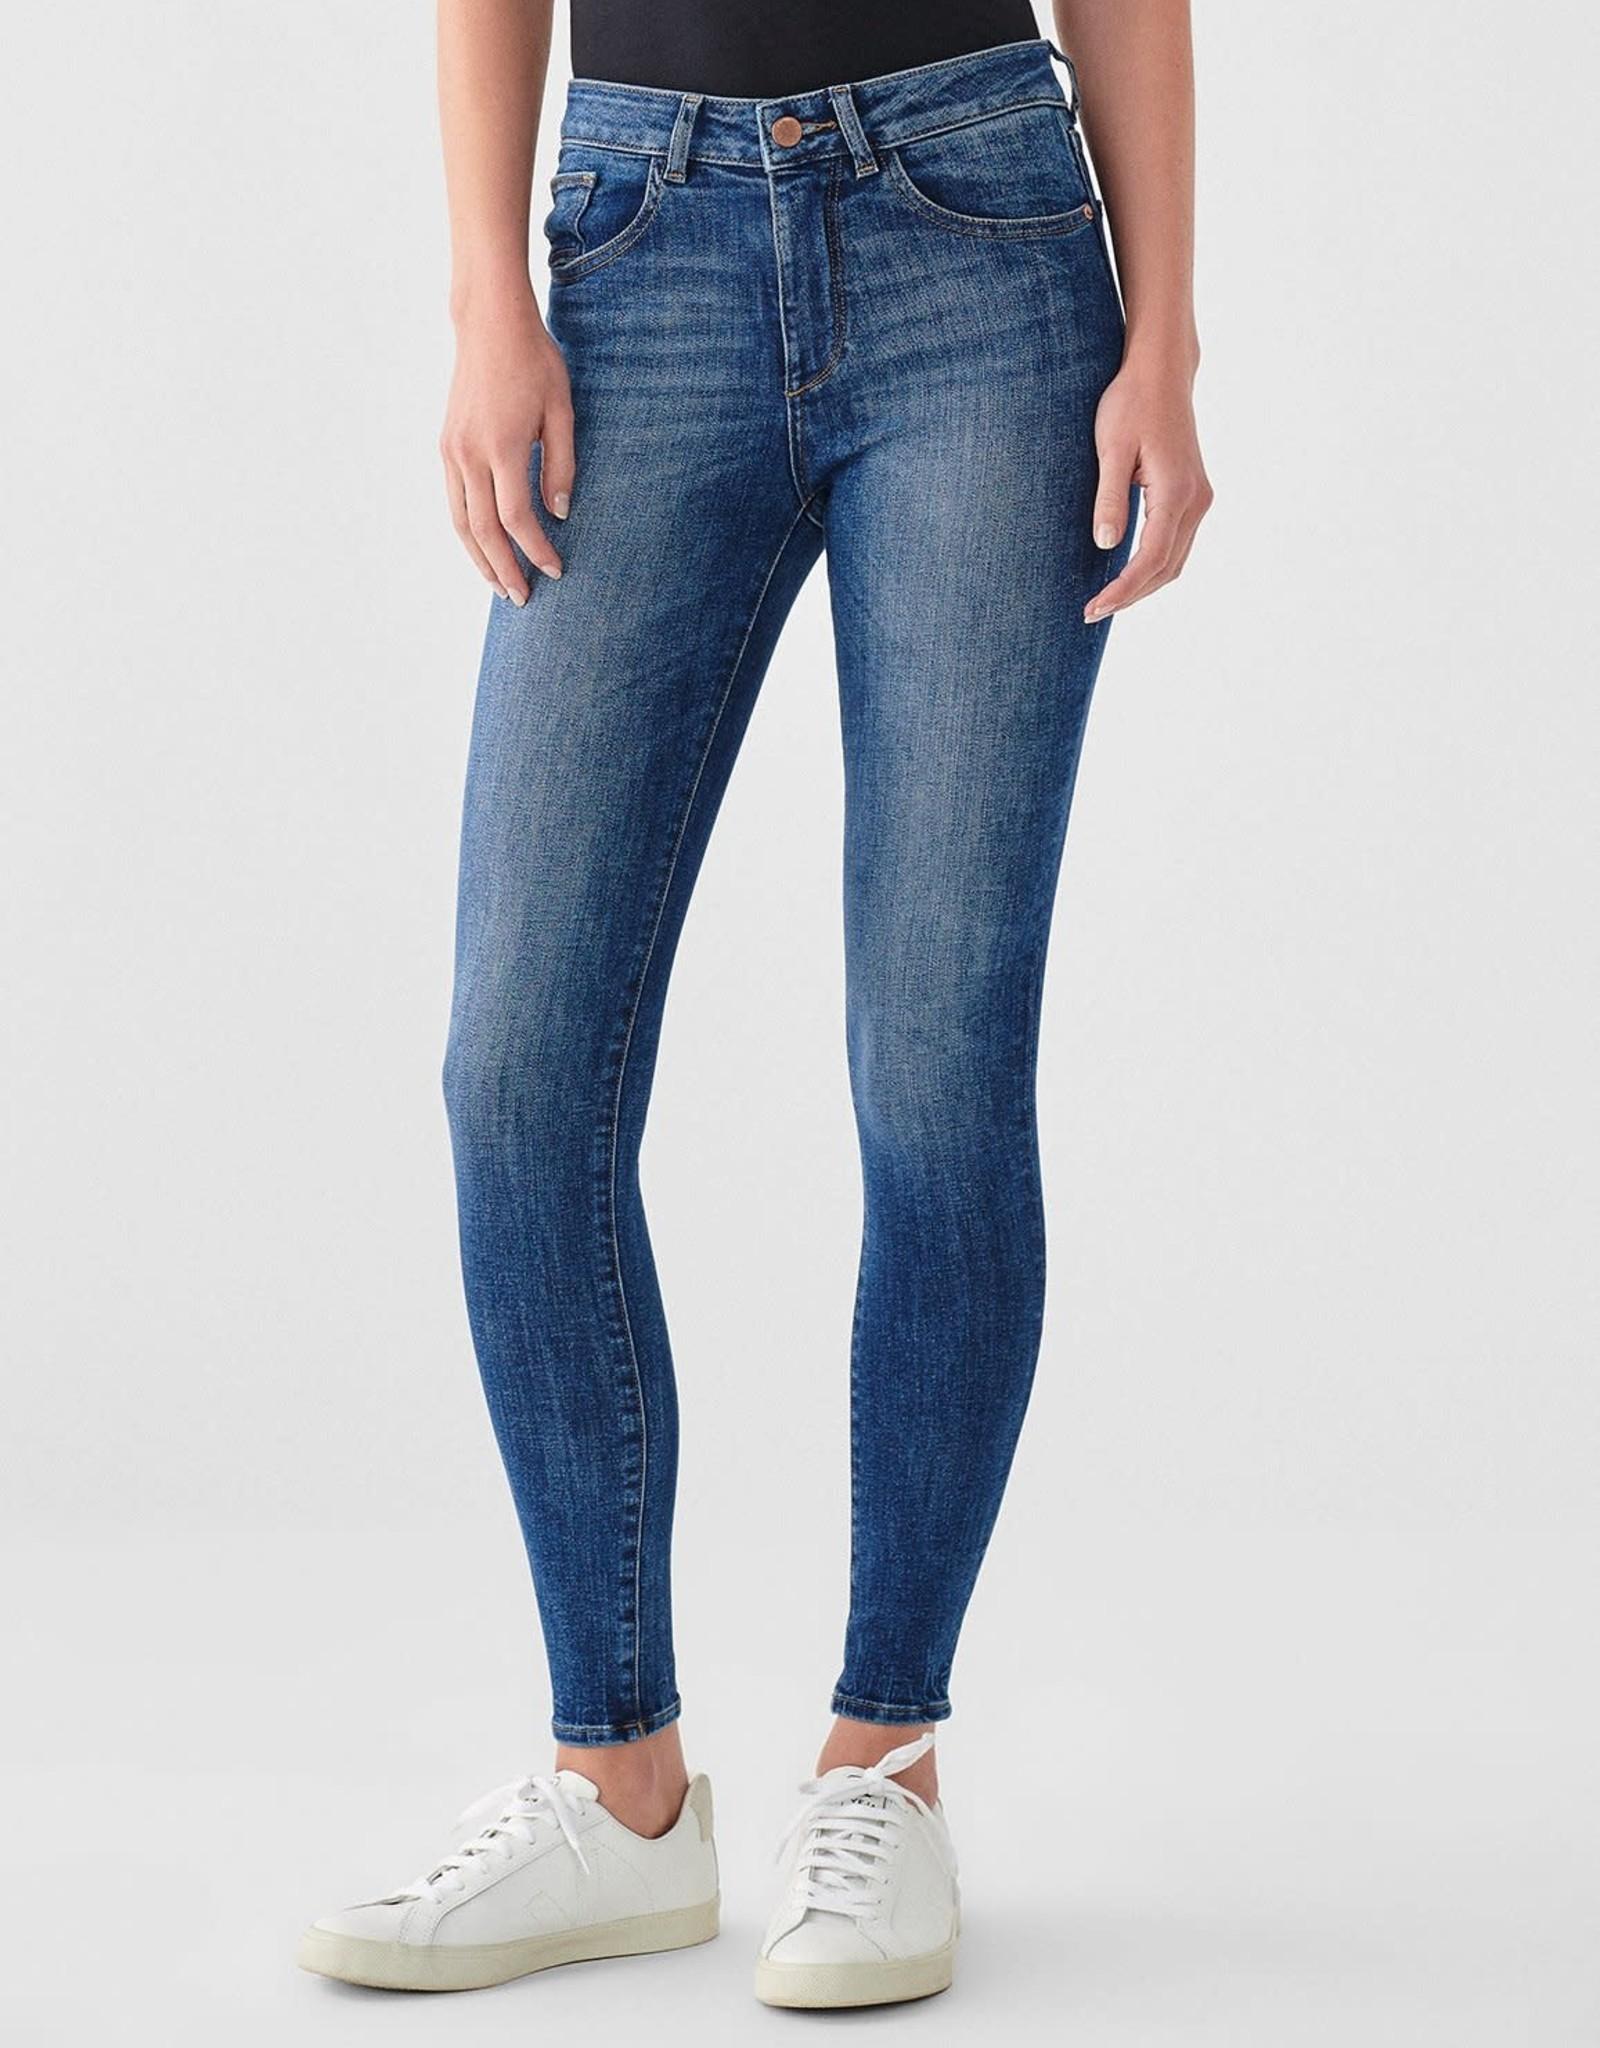 DL1961 DL1961 Florence Ankle Mid-Rise Skinny Parker